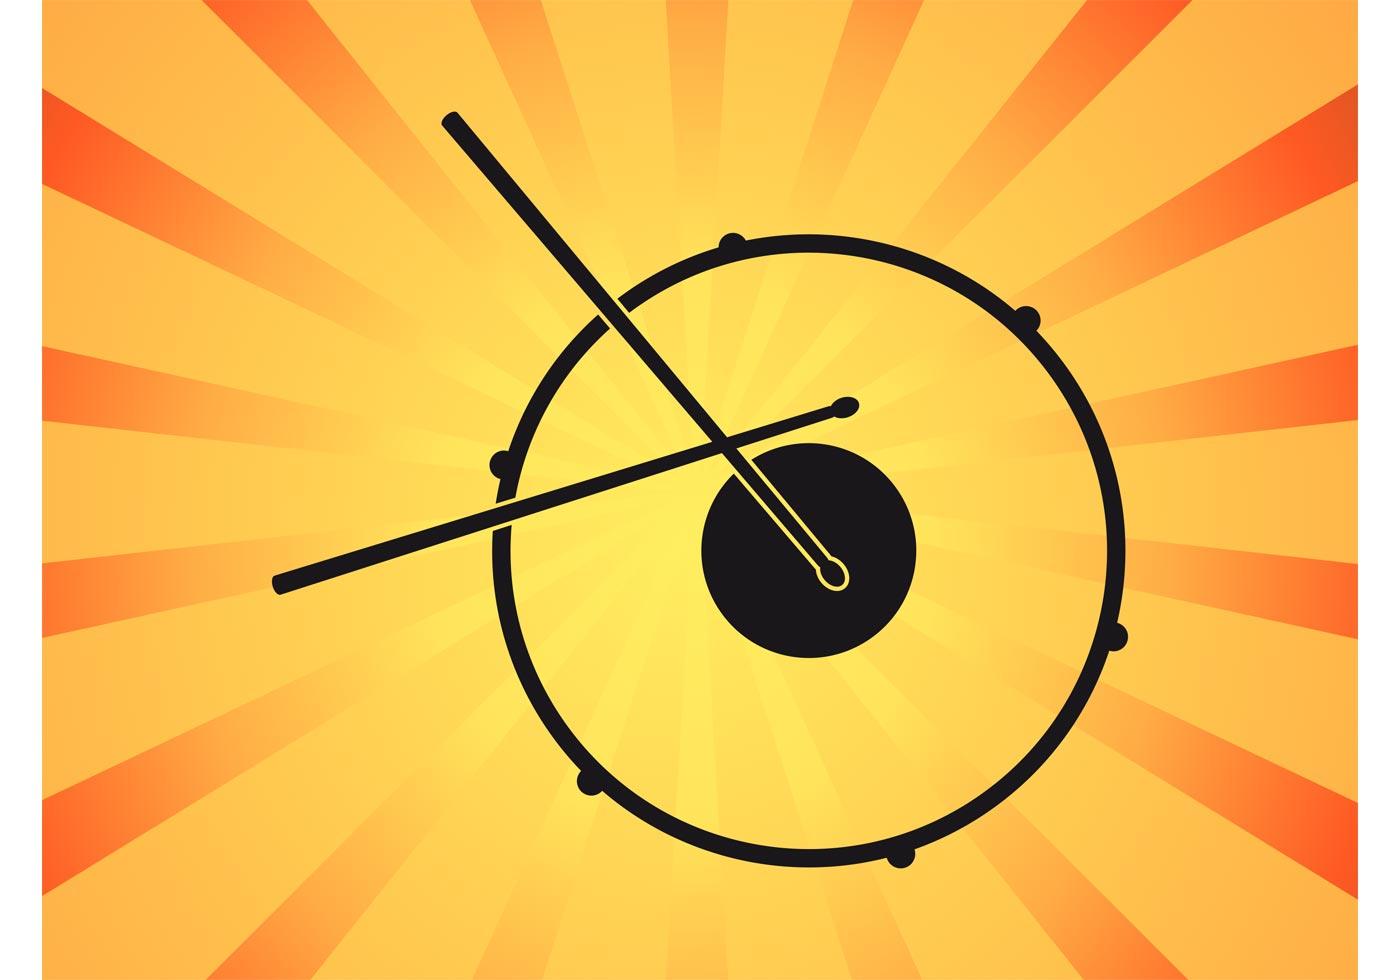 drum sticks free vector art 1619 free downloads